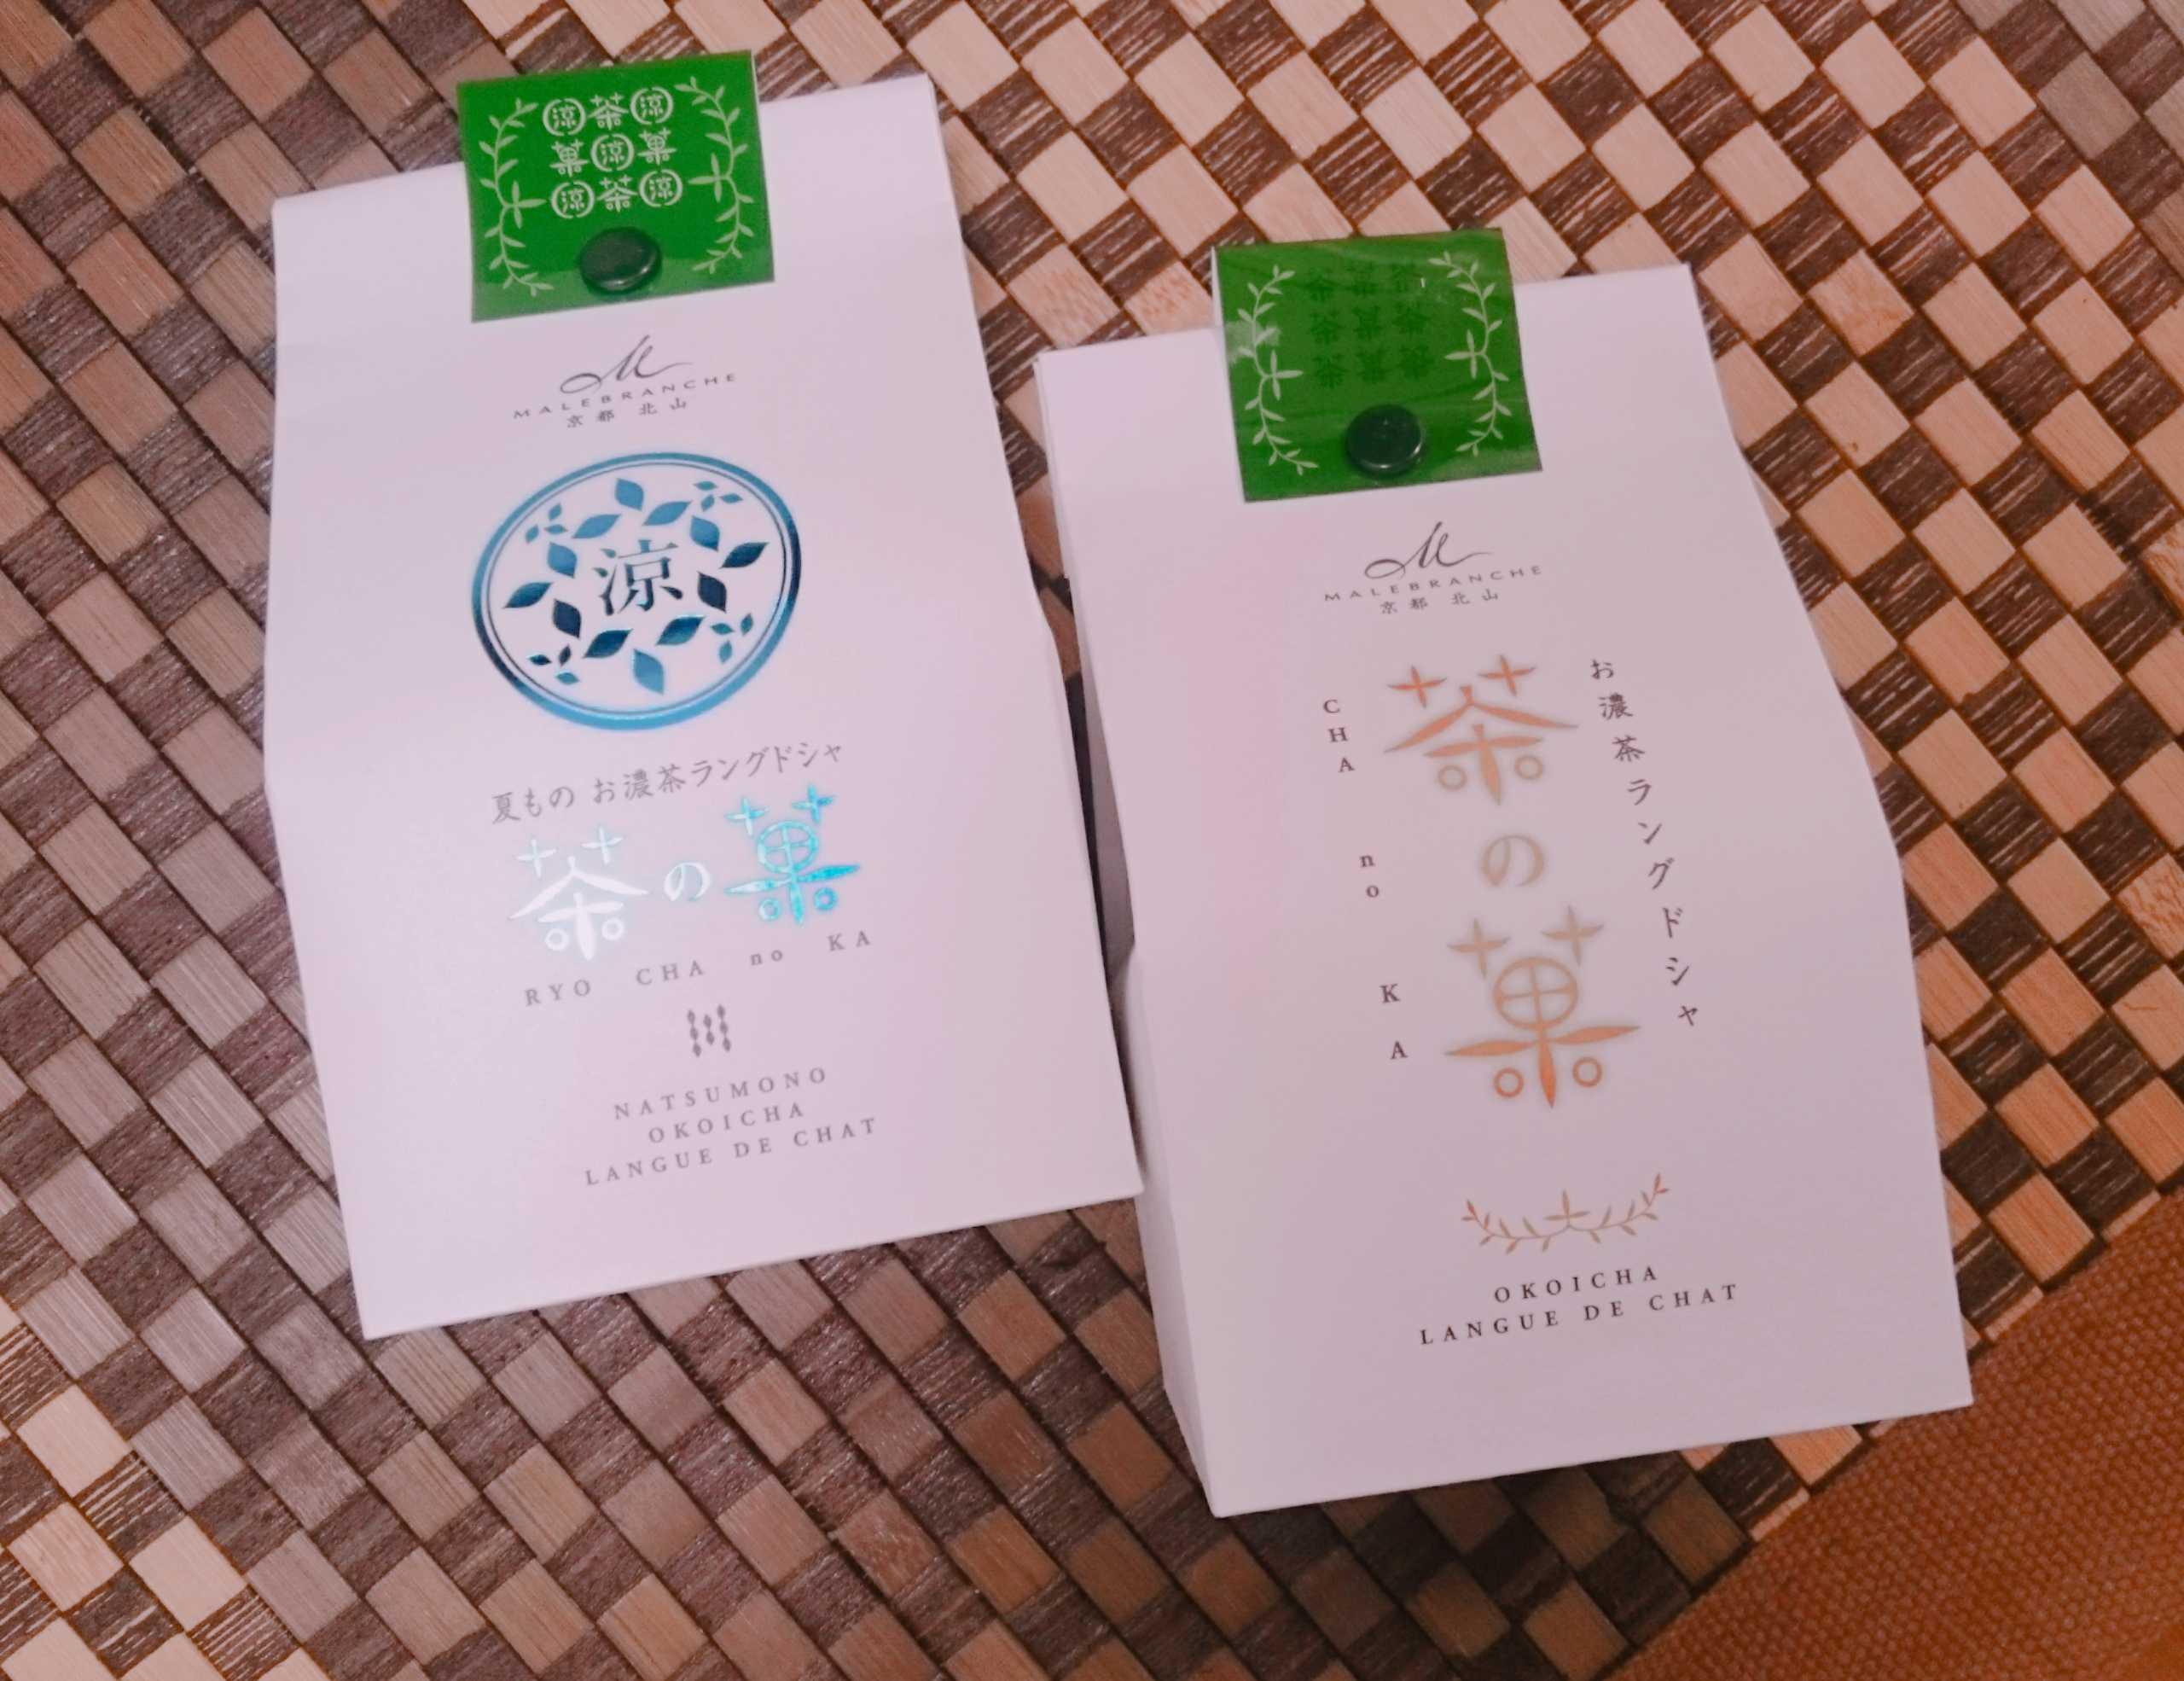 【高島屋】大京都展で京都グルメを購入②